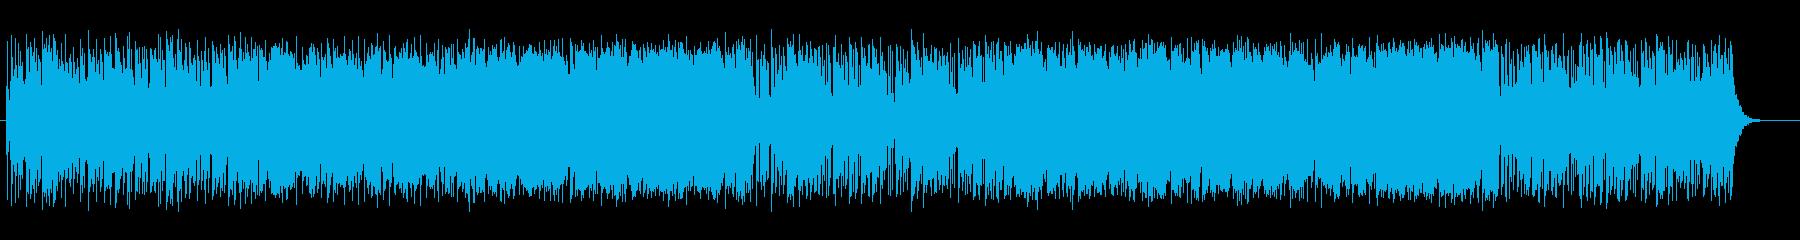 疾走感のある感動的なシンセファンクの再生済みの波形